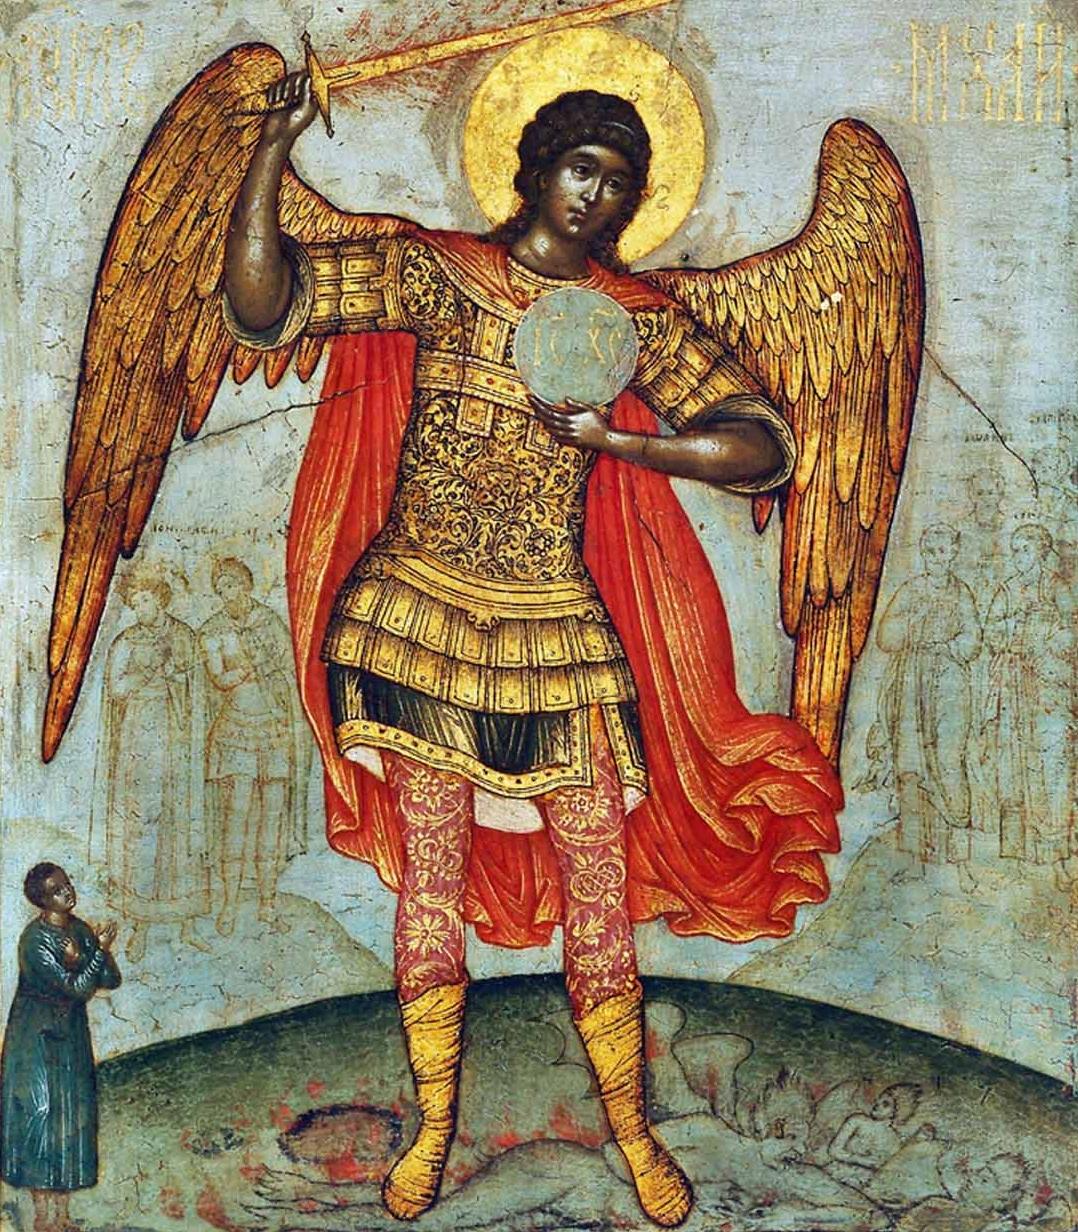 Святой Архистратиг Михаил, попирающий диавола.  Икона. XVII в.